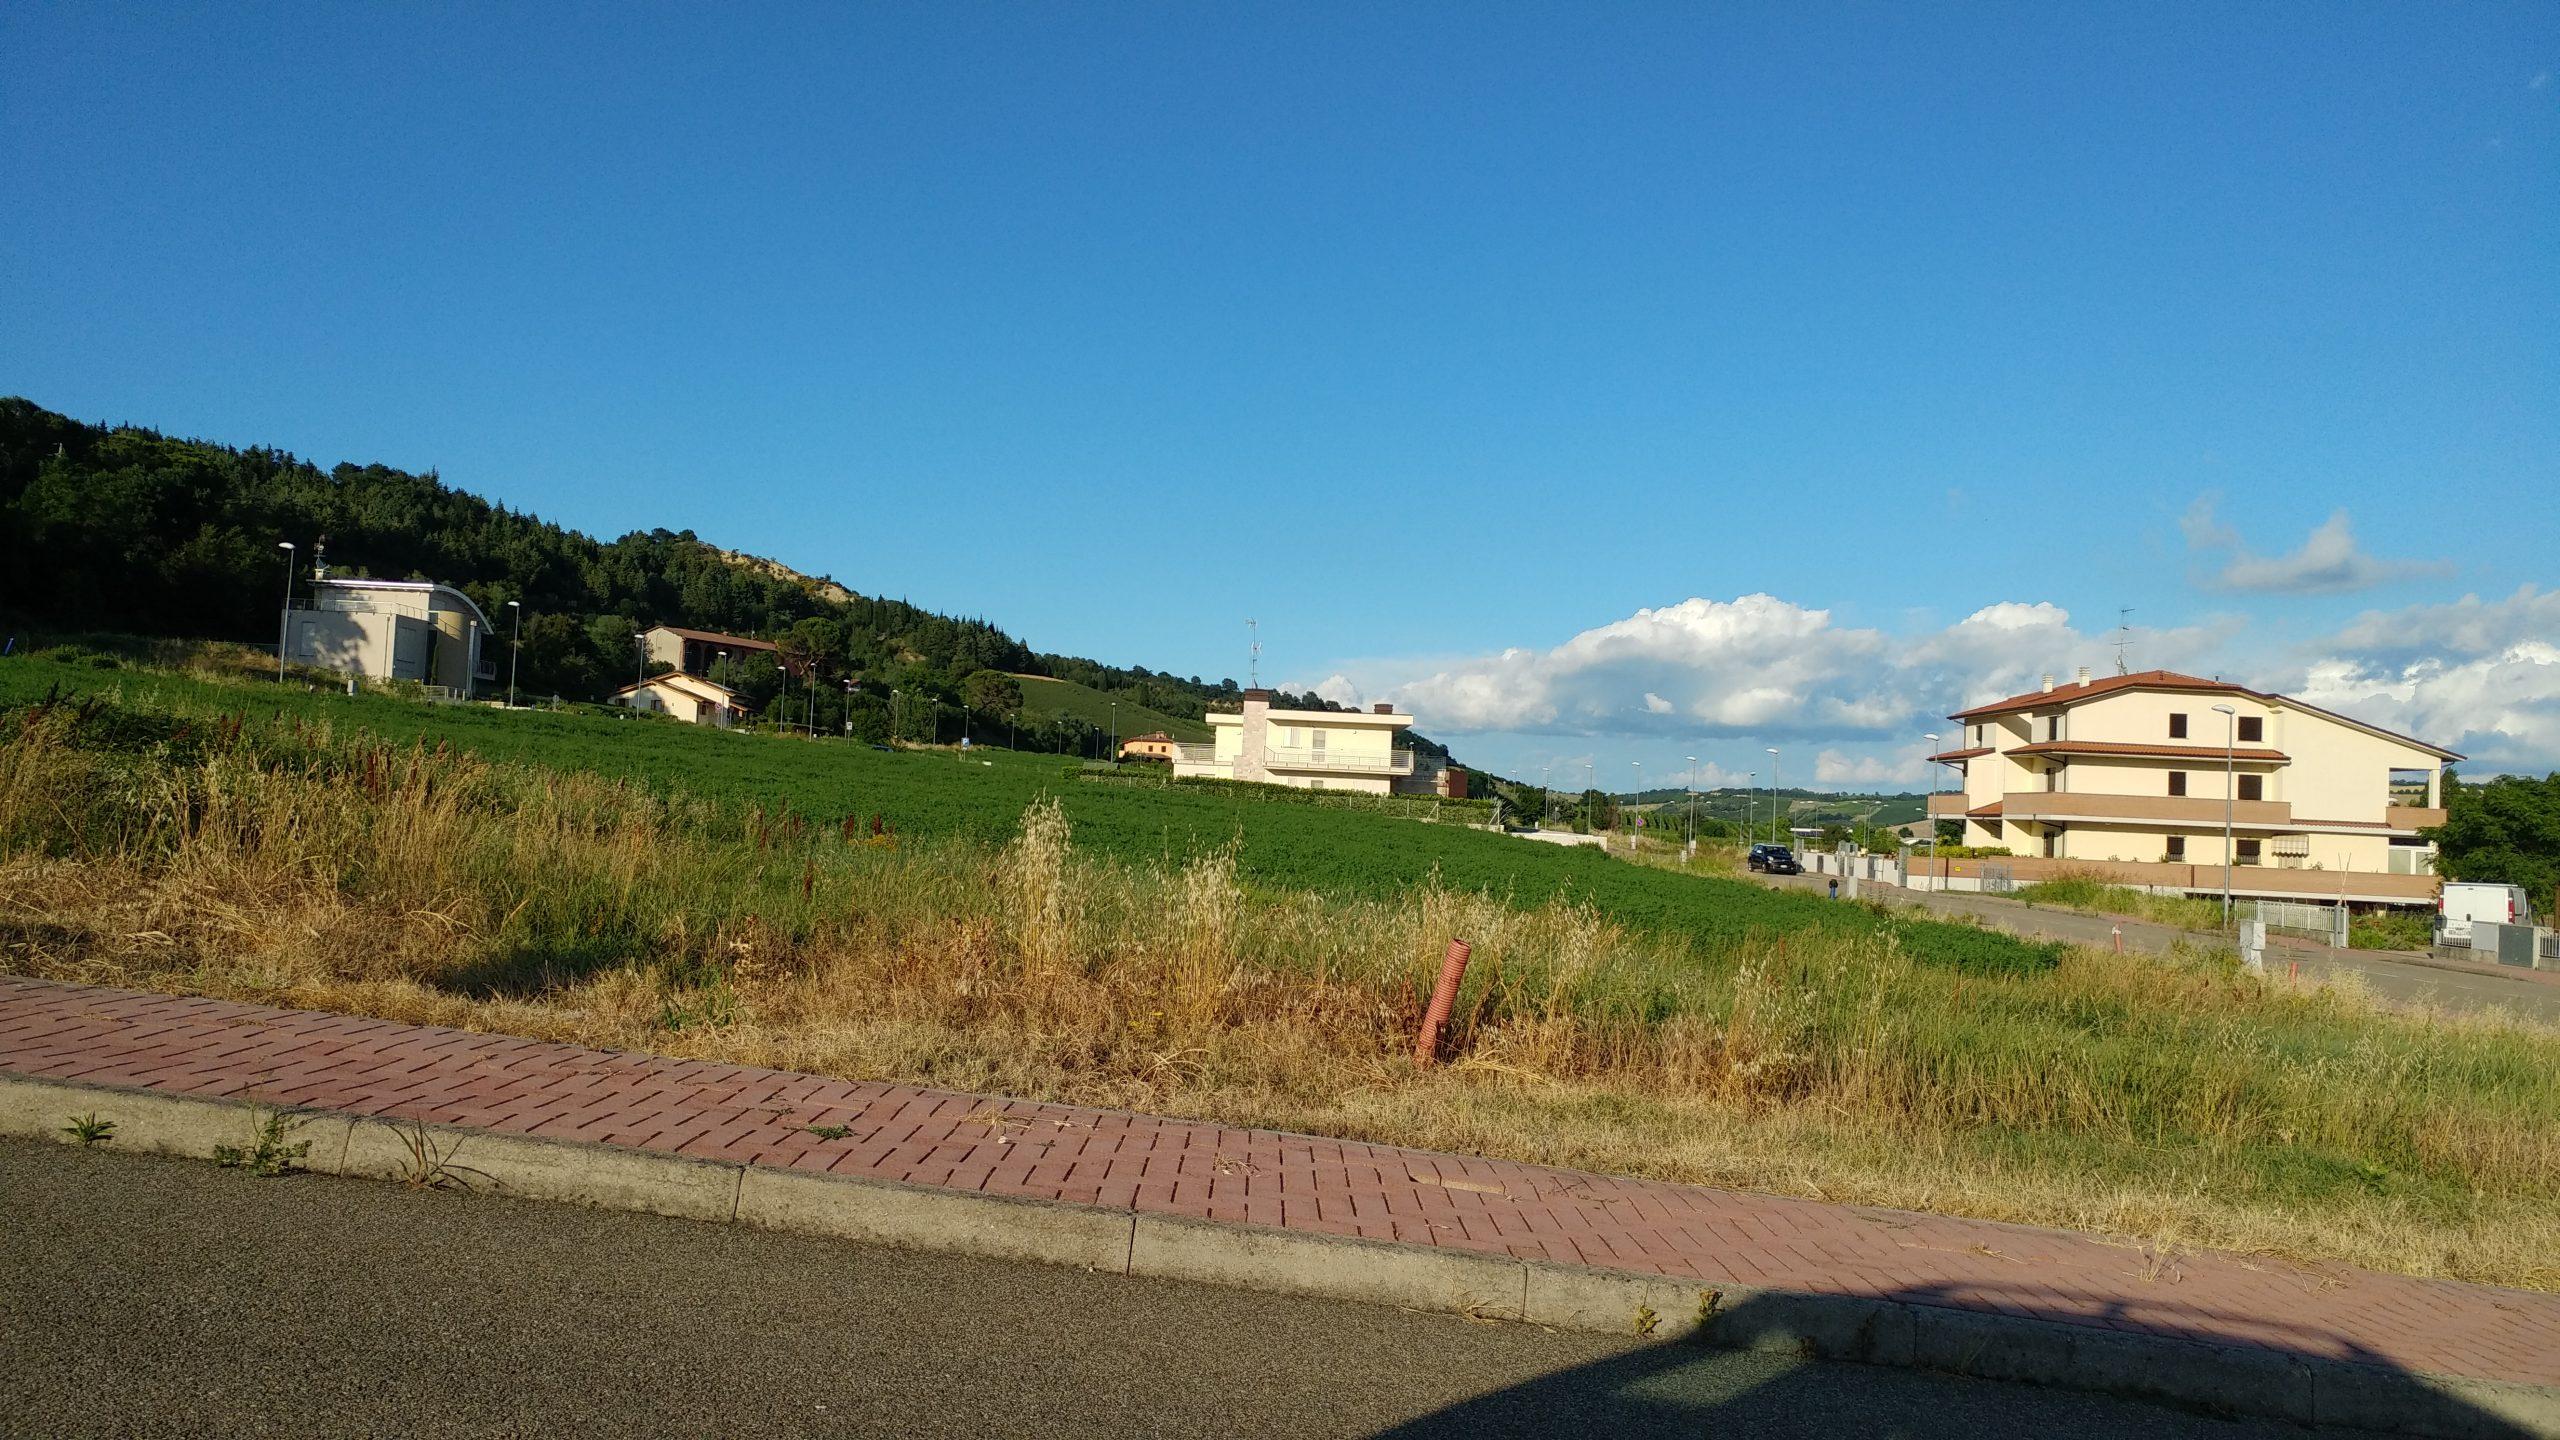 Vendesi lotti di terreno edificabili x villette RioloTerme